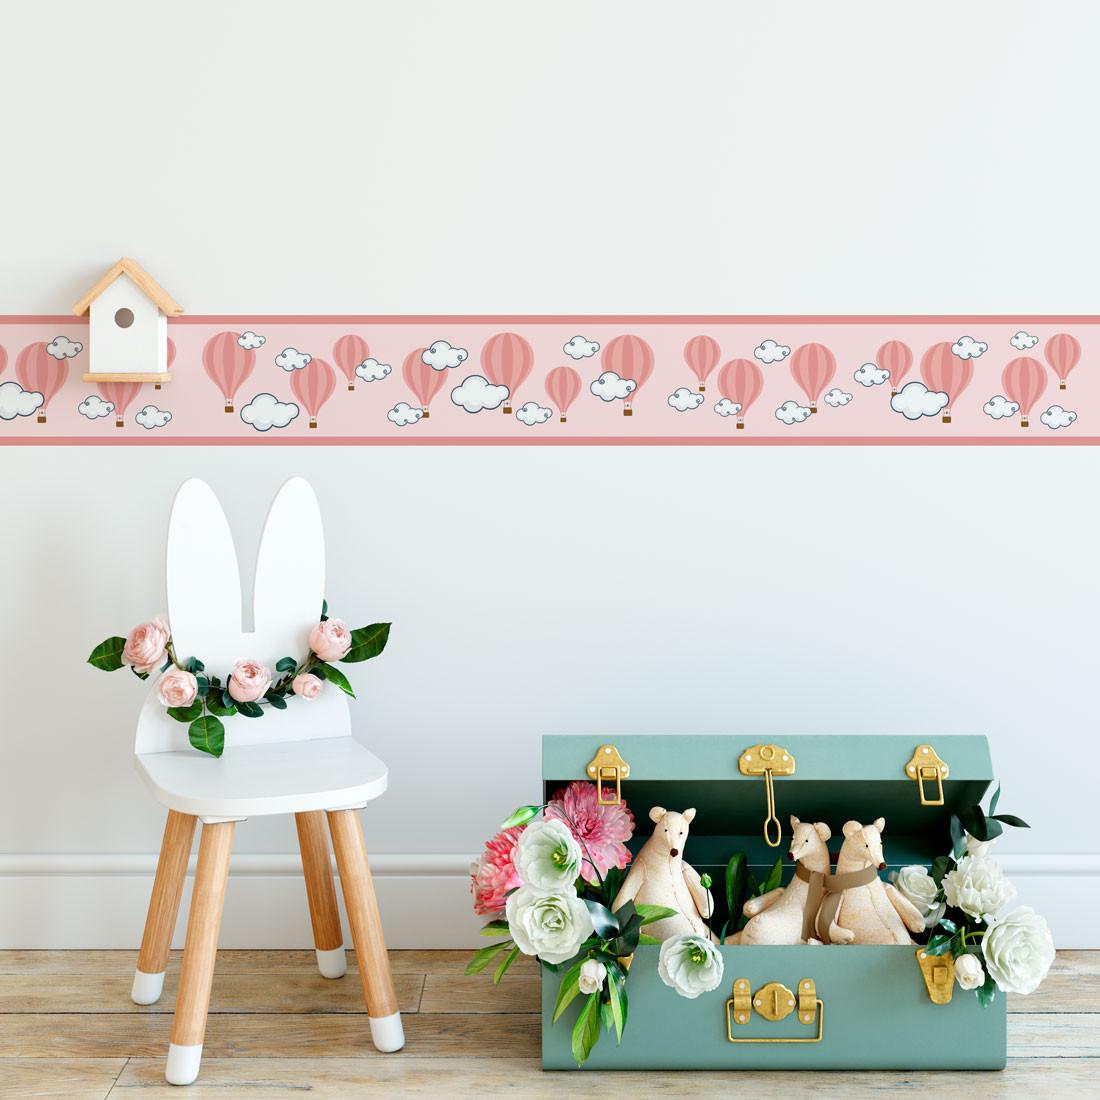 Faixa Decorativa Balões Nuvens - Rosa